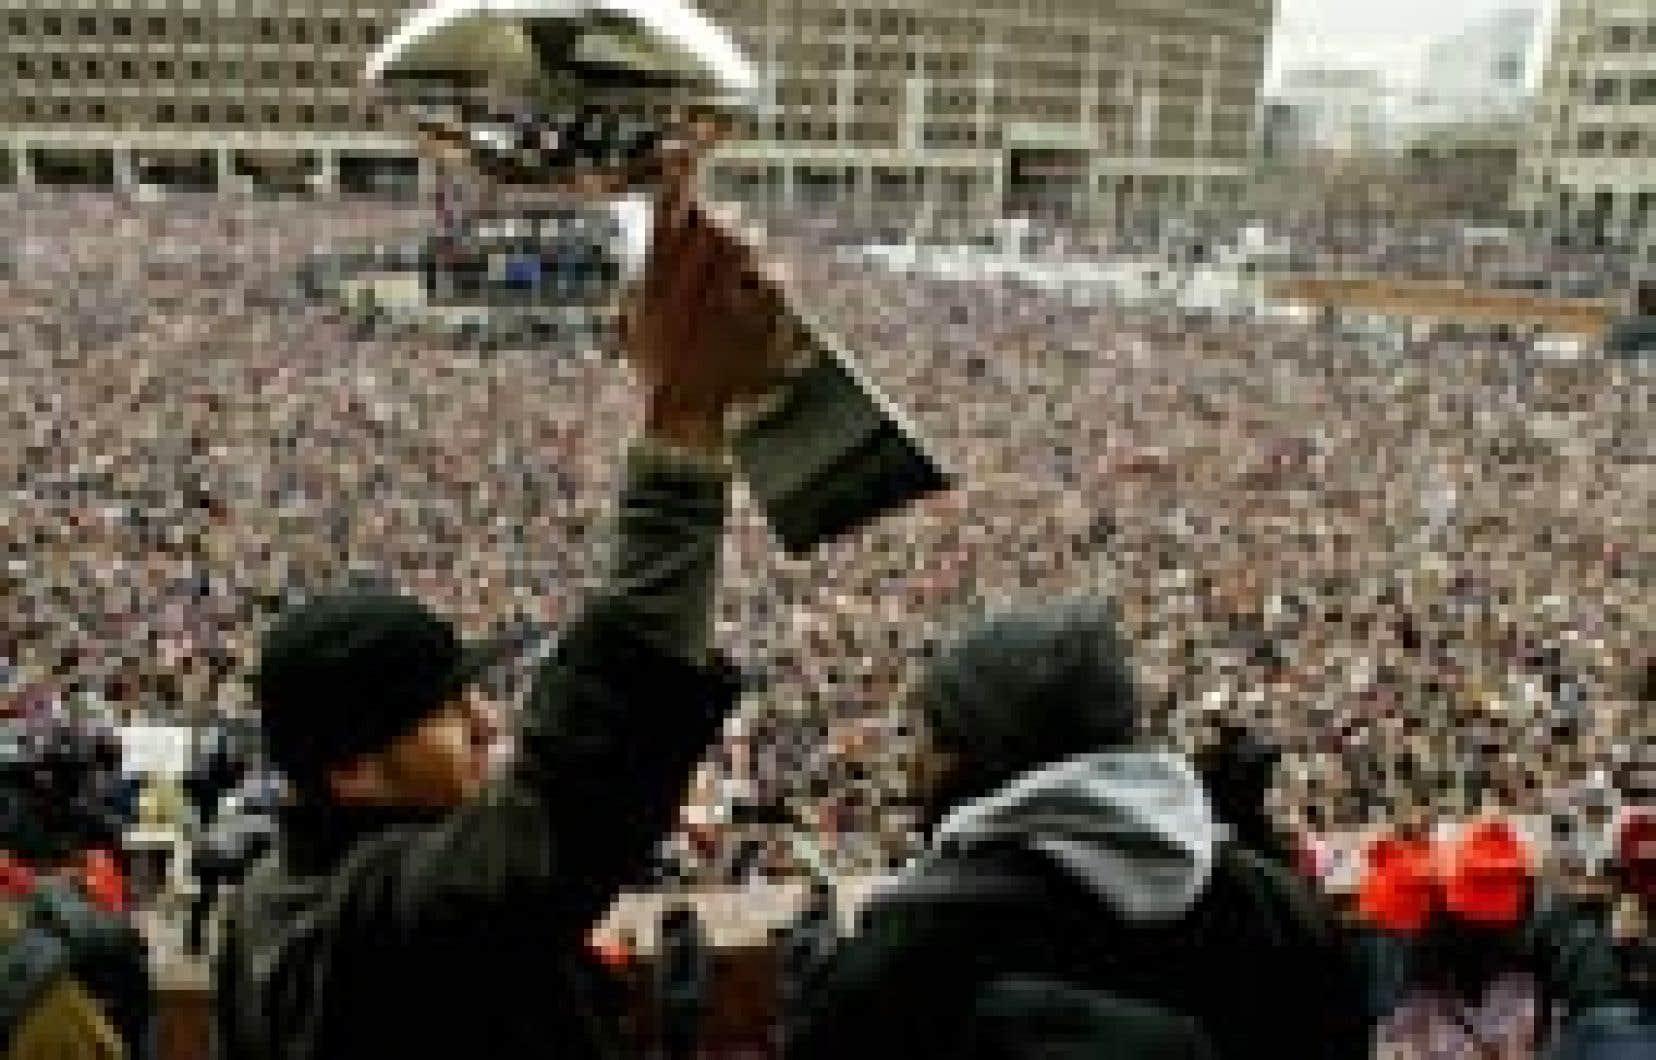 Tom Brady, le quart-arrière des Patriots de la Nouvelle-Angleterre, a brandi, hier, le trophée Vince Lombardi devant des milliers de partisans rassemblés à Boston.